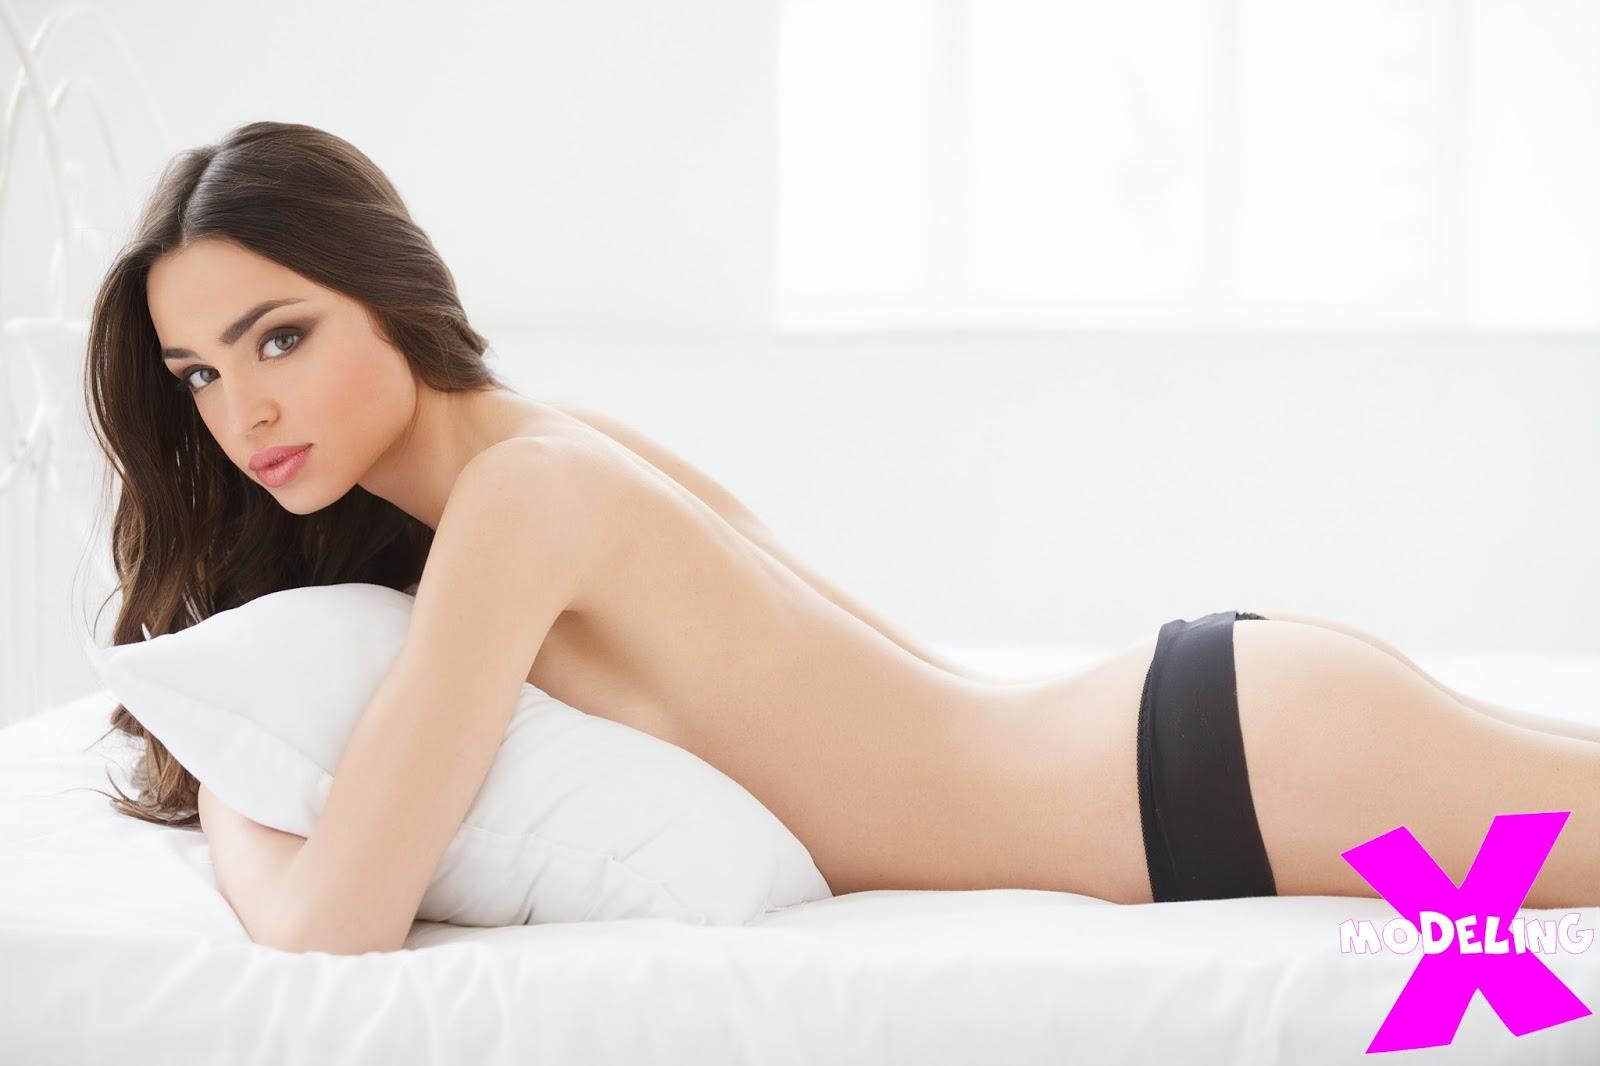 веб девушка модель для мужчин